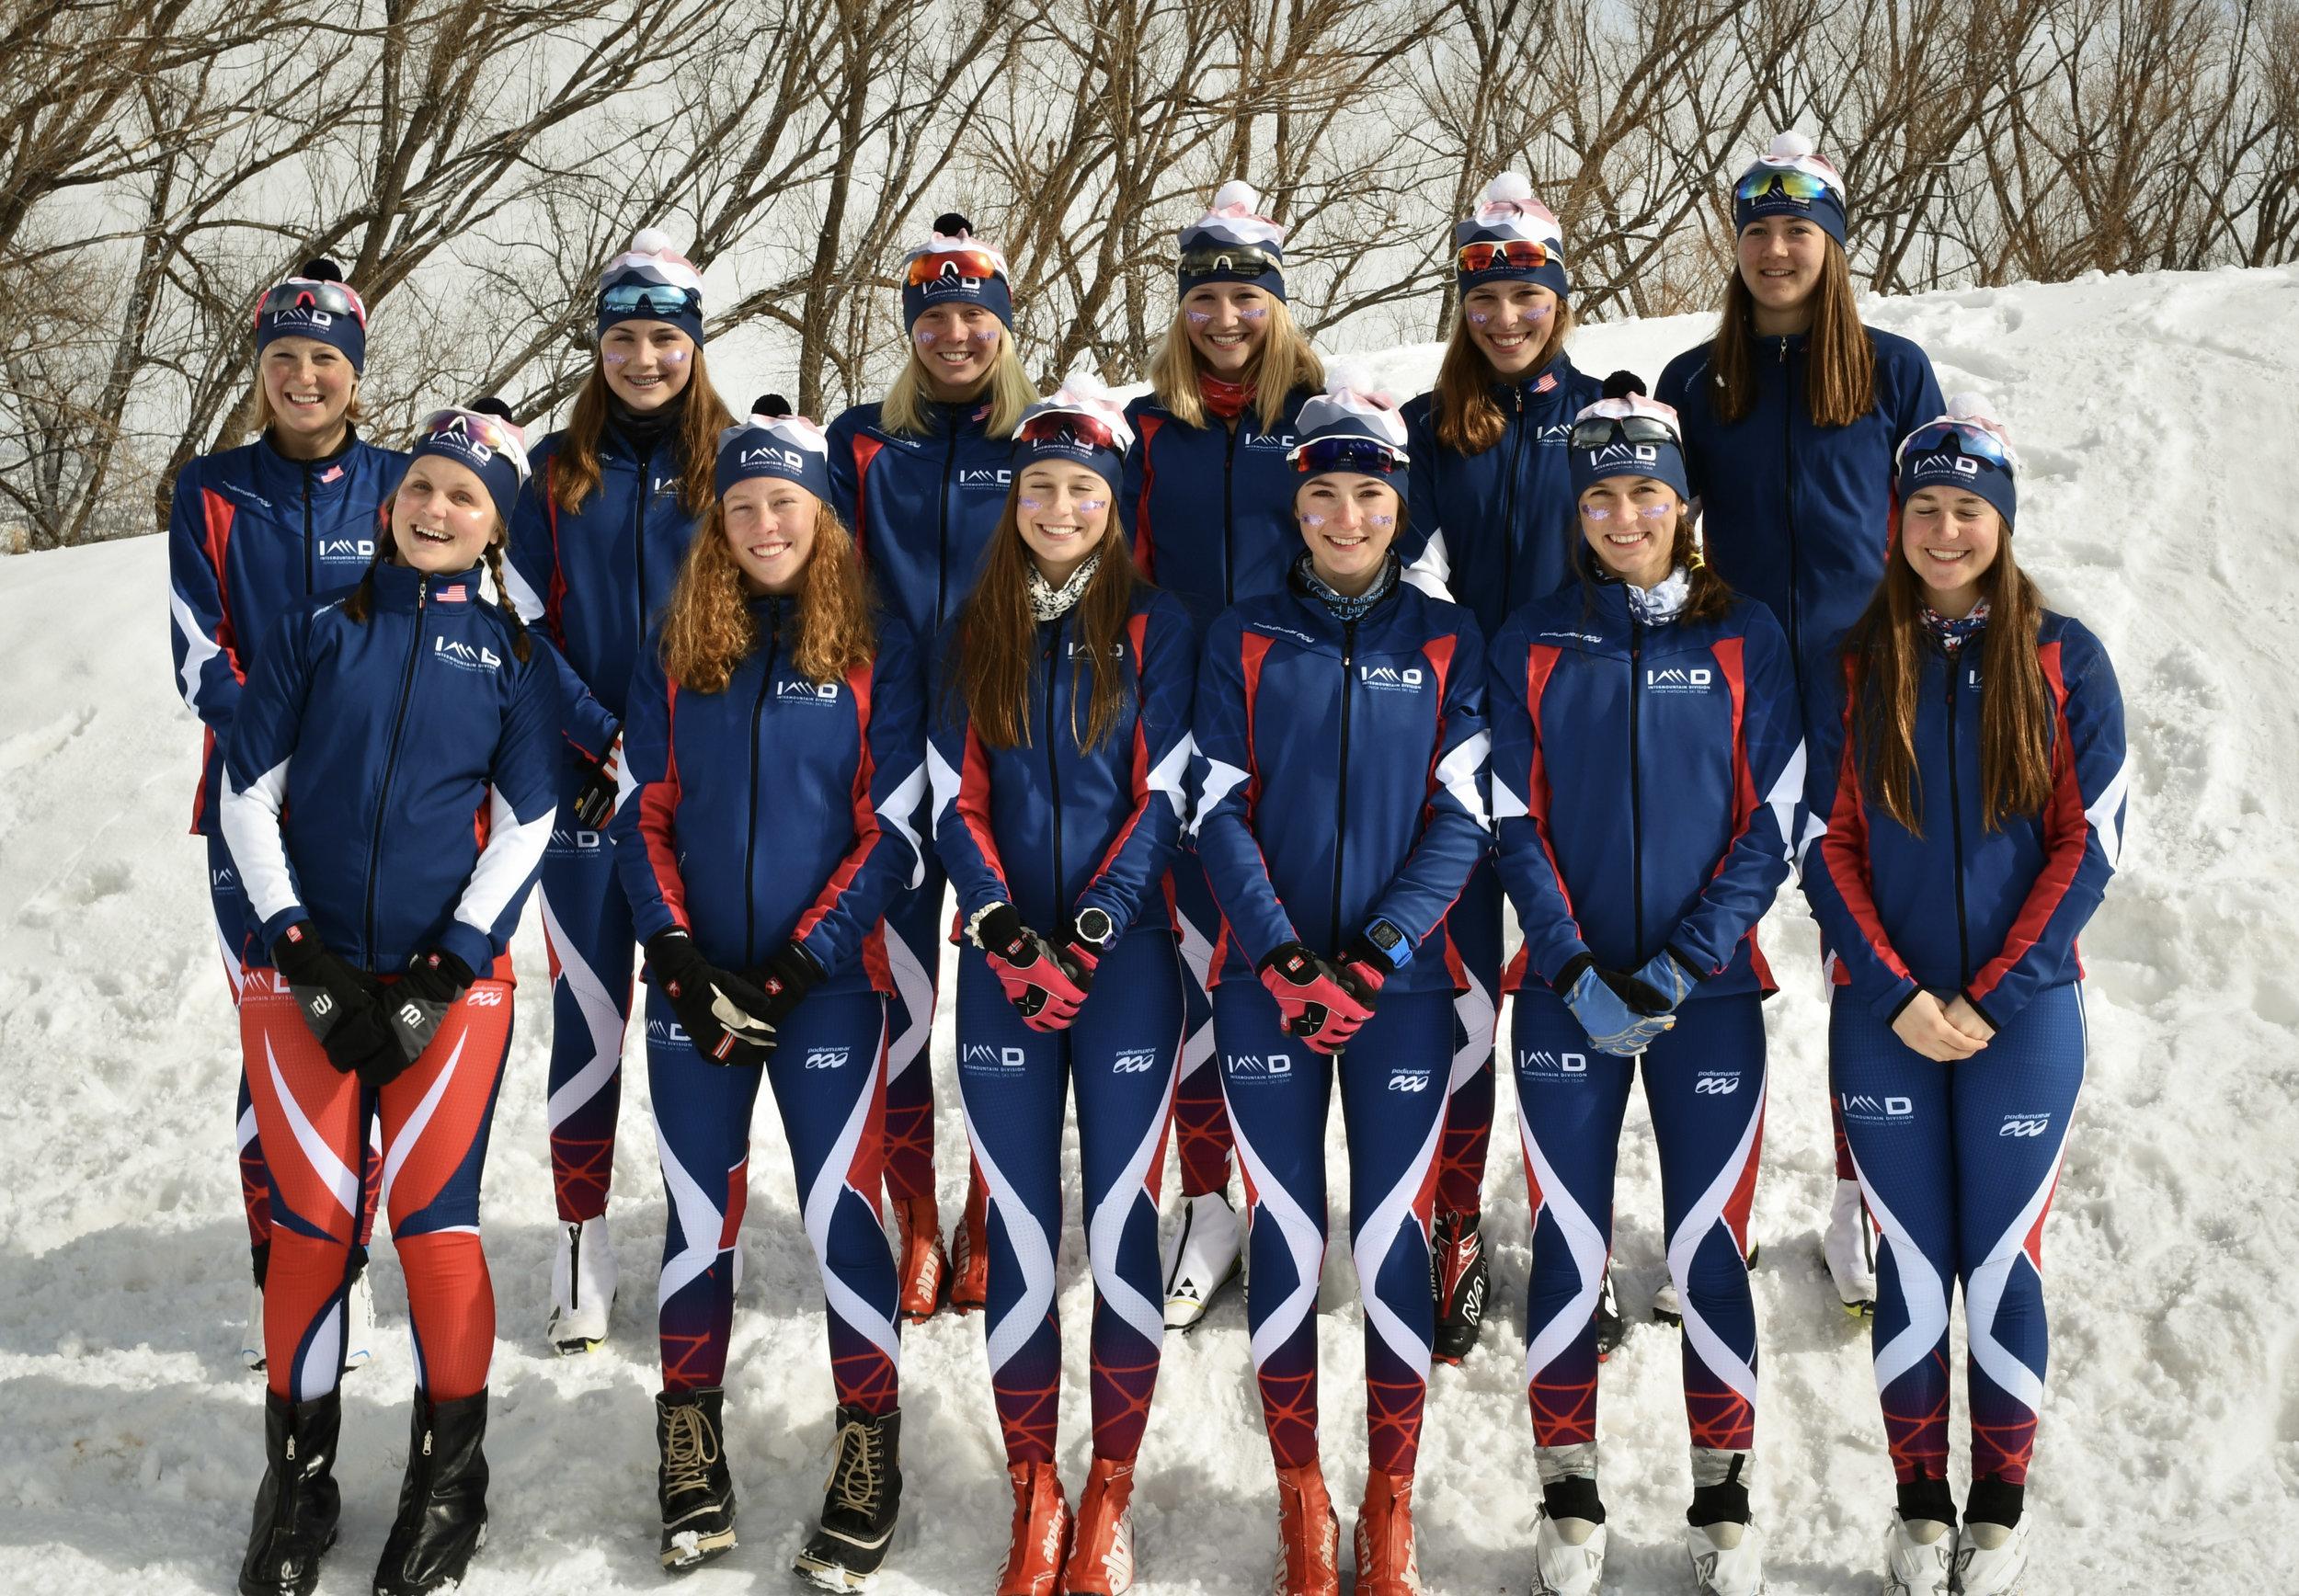 U16 Girls & Coach.jpg